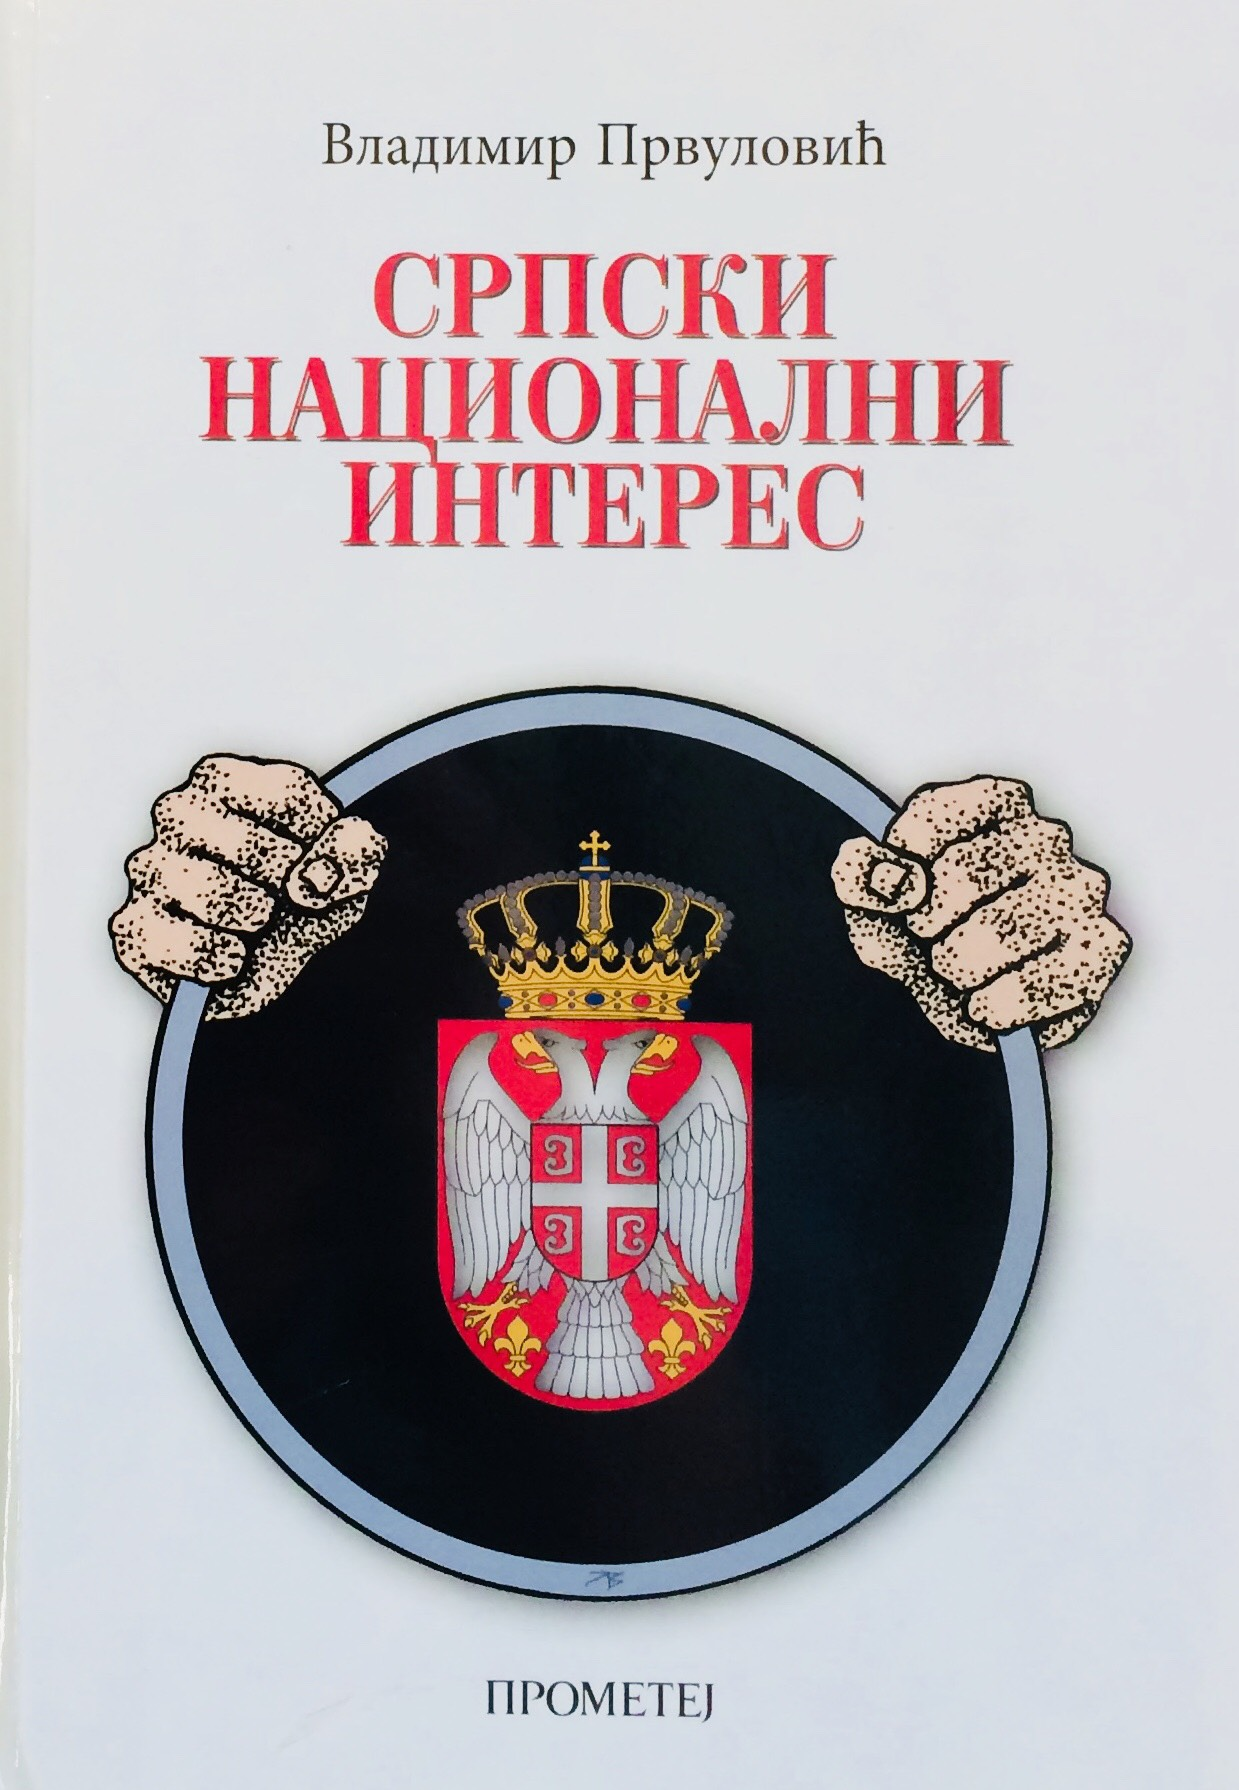 Српски национални интерес